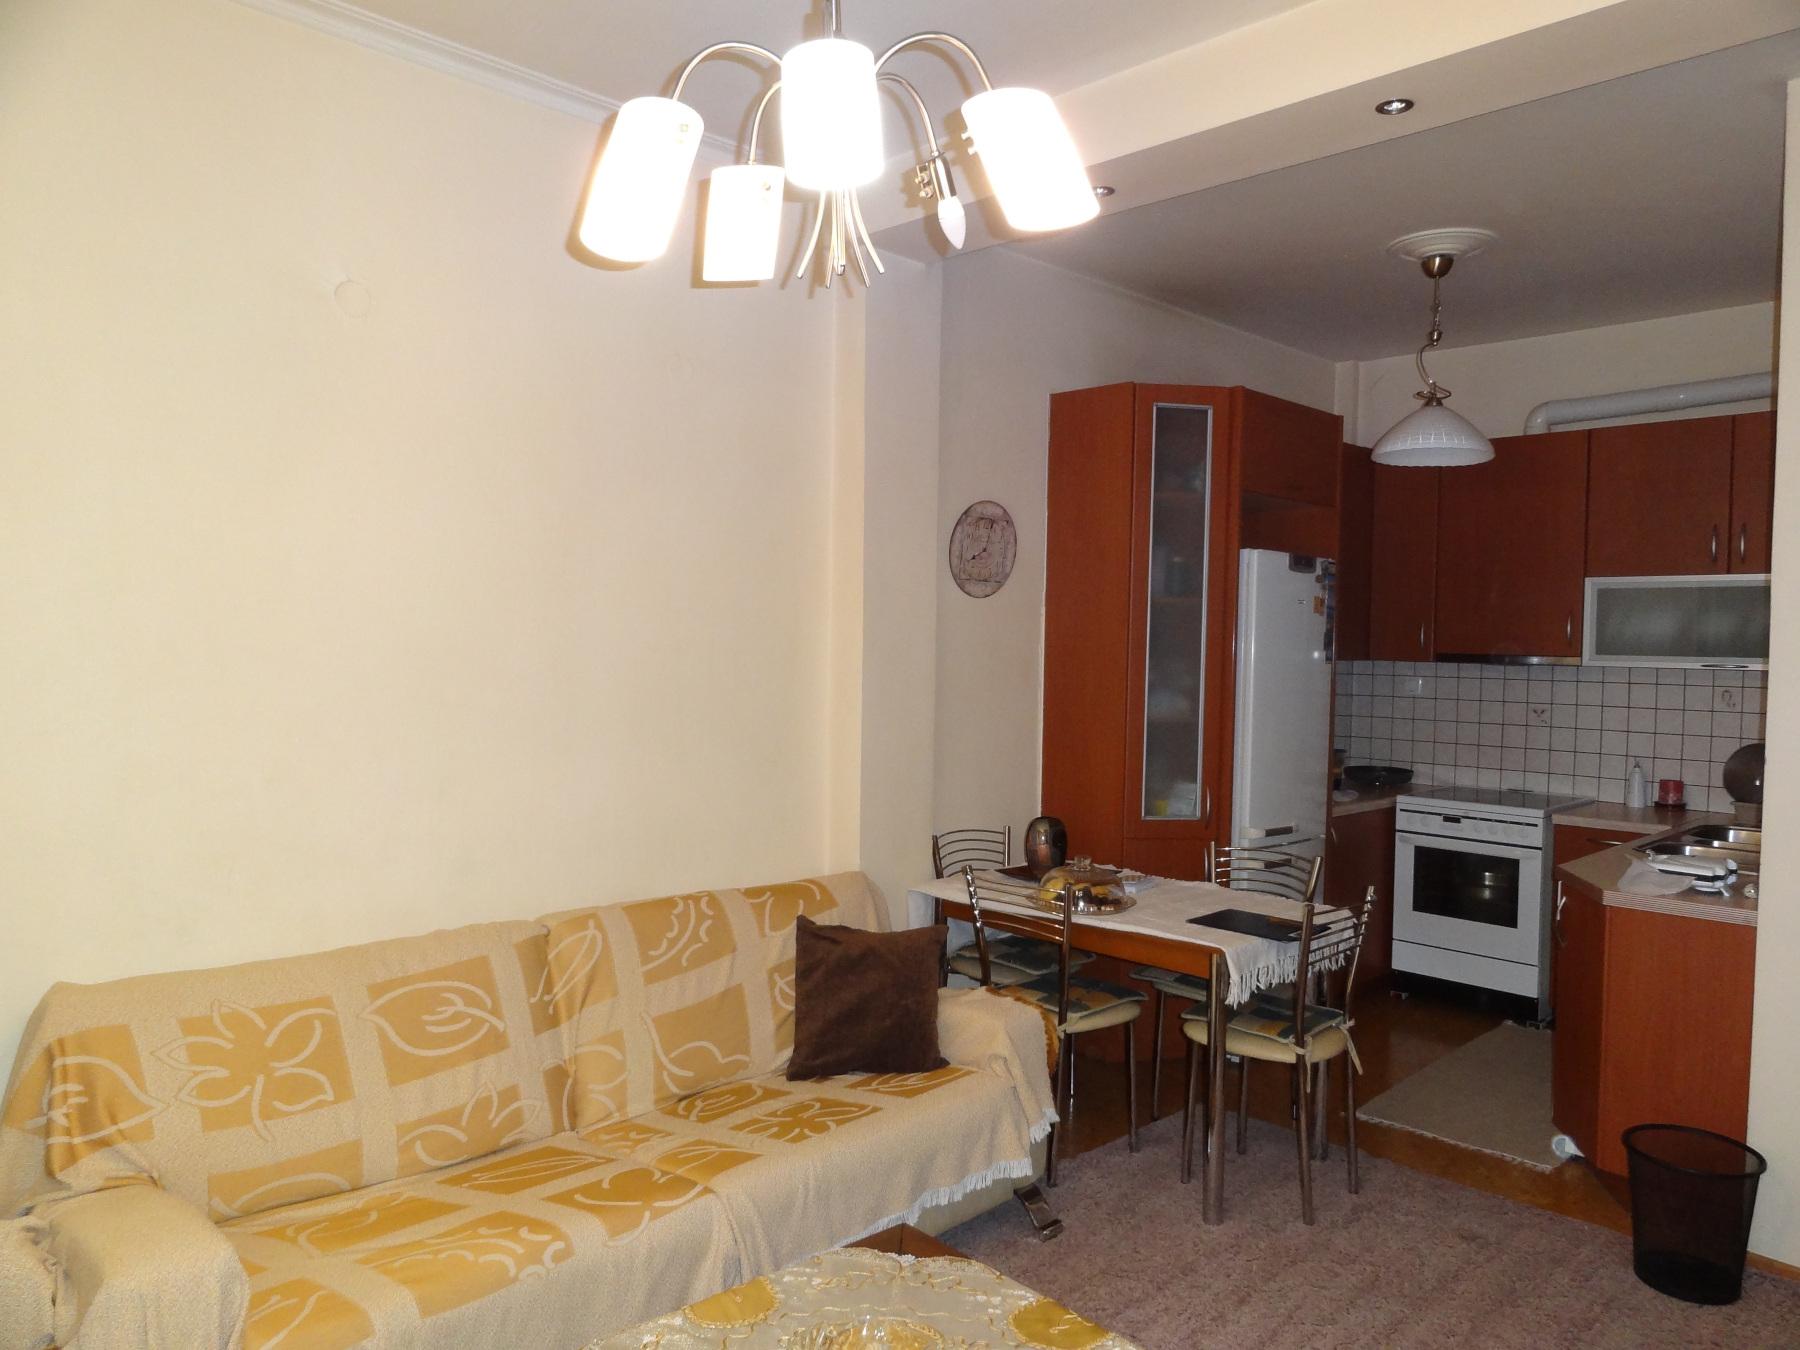 Ενοικιάζεται πλήρως επιπλωμένο 3αρι διαμέρισμα 65 τ.μ. 3ου ορόφου κοντά στην πλατεία Πάργης στα Ιωάννινα